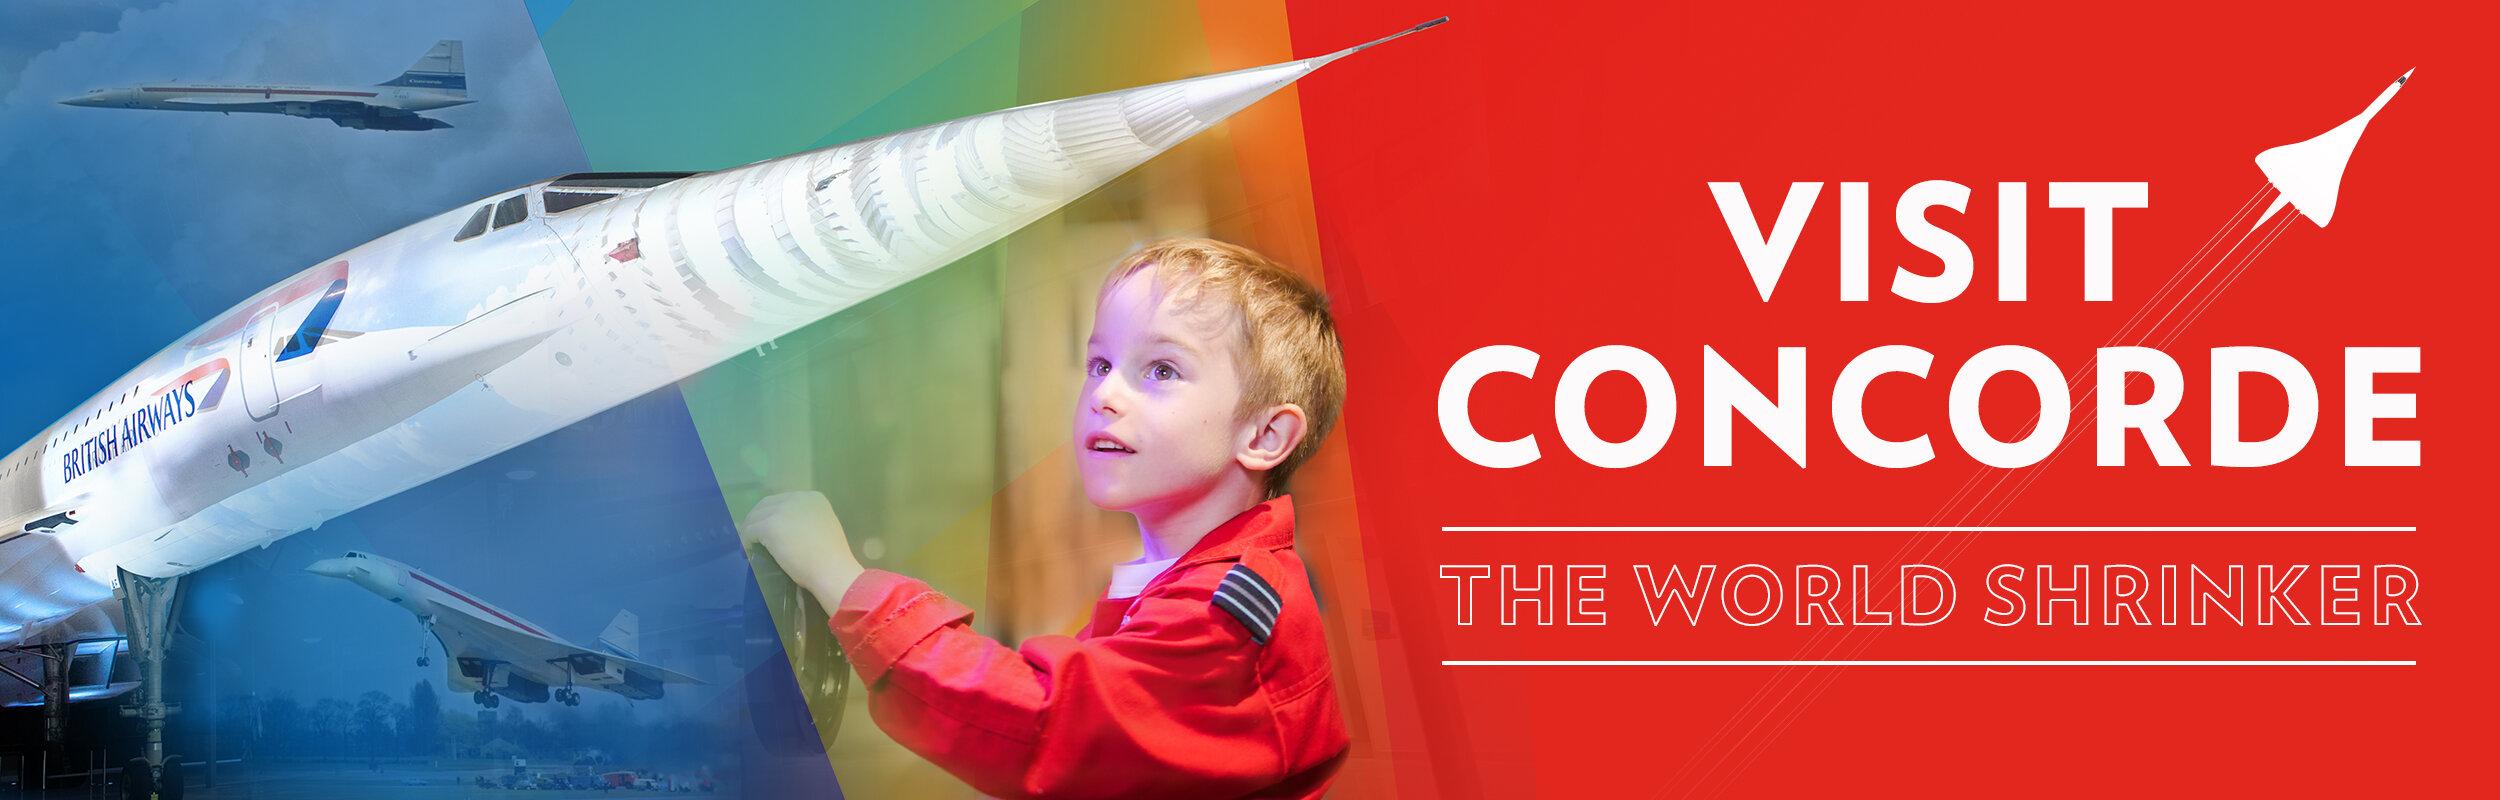 Concorde: The World Shrinker